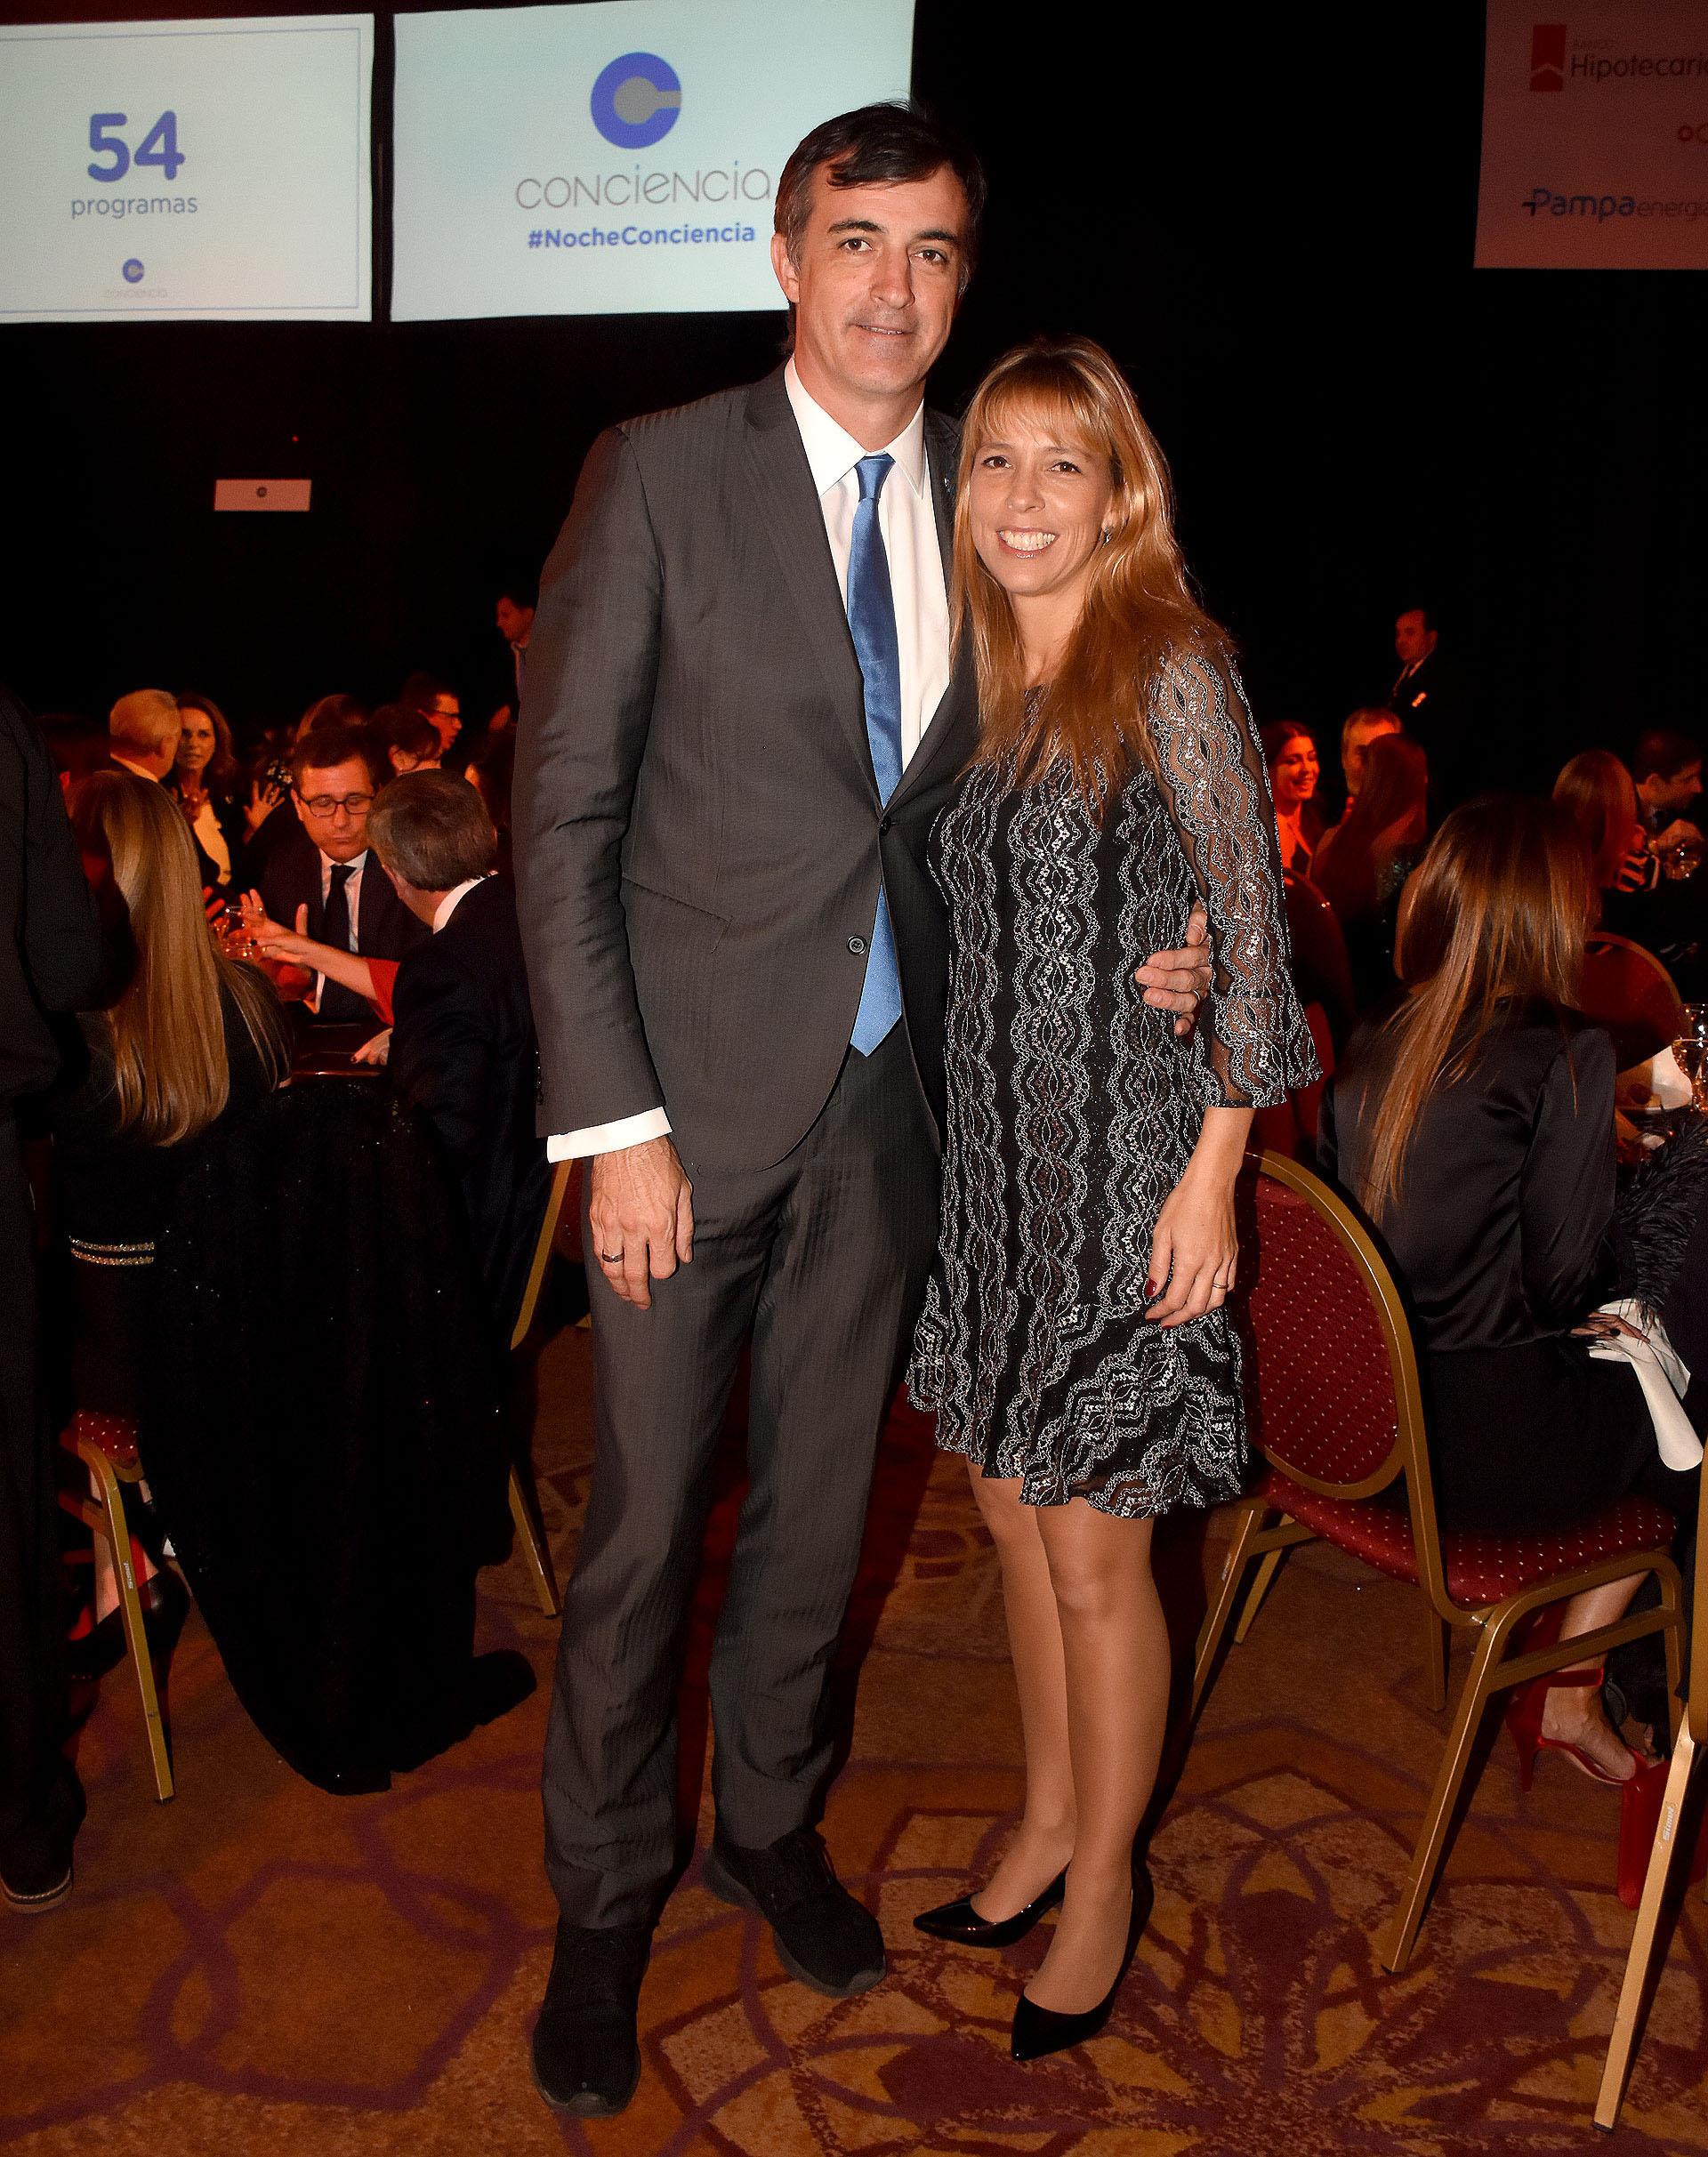 El senador Esteban Bullrich y su mujer